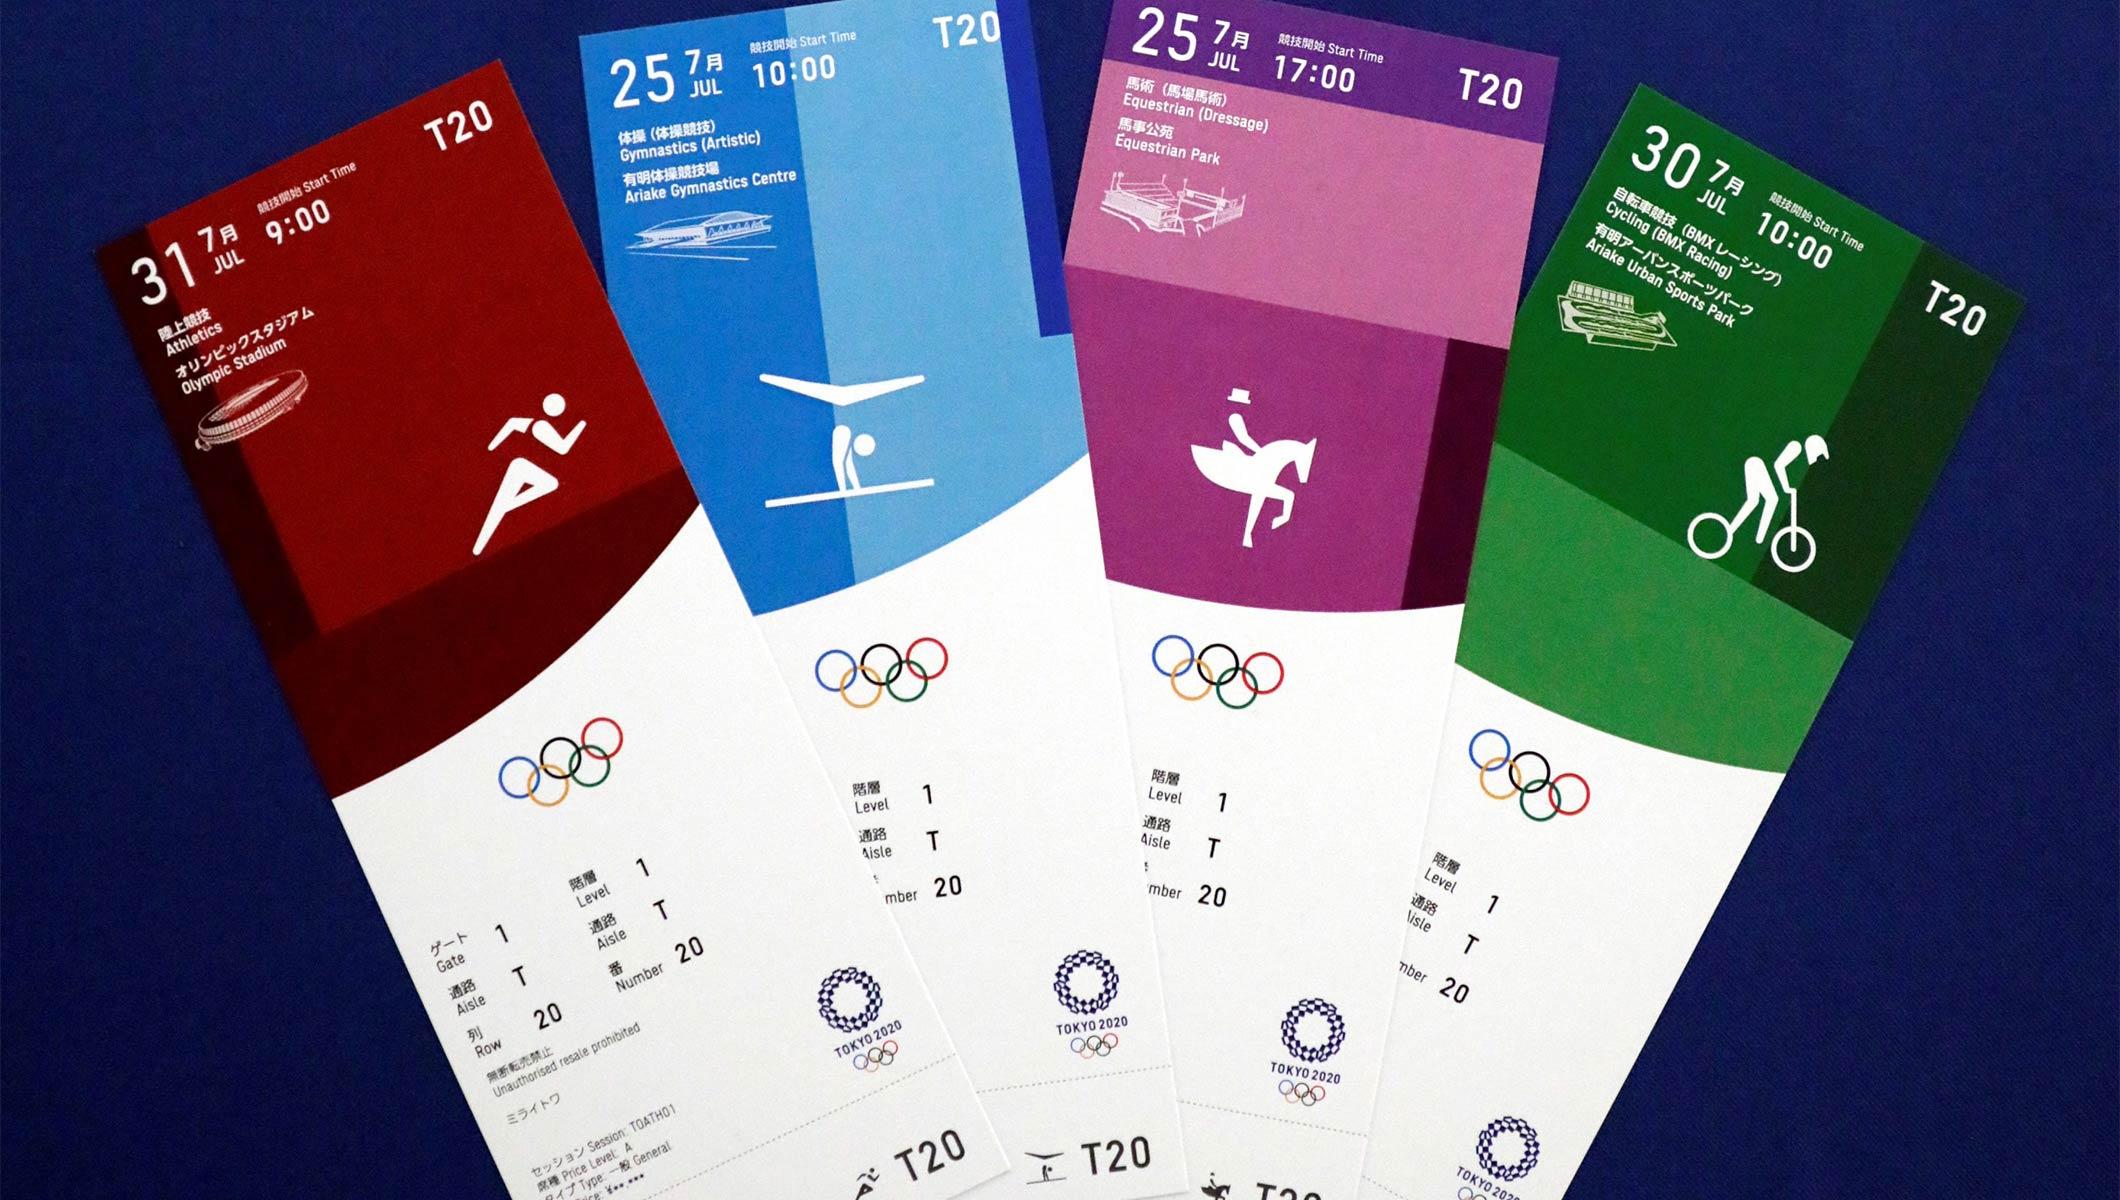 Com atraso nos Jogos, Tóquio 2020 vai reembolsar quem já comprou ingresso